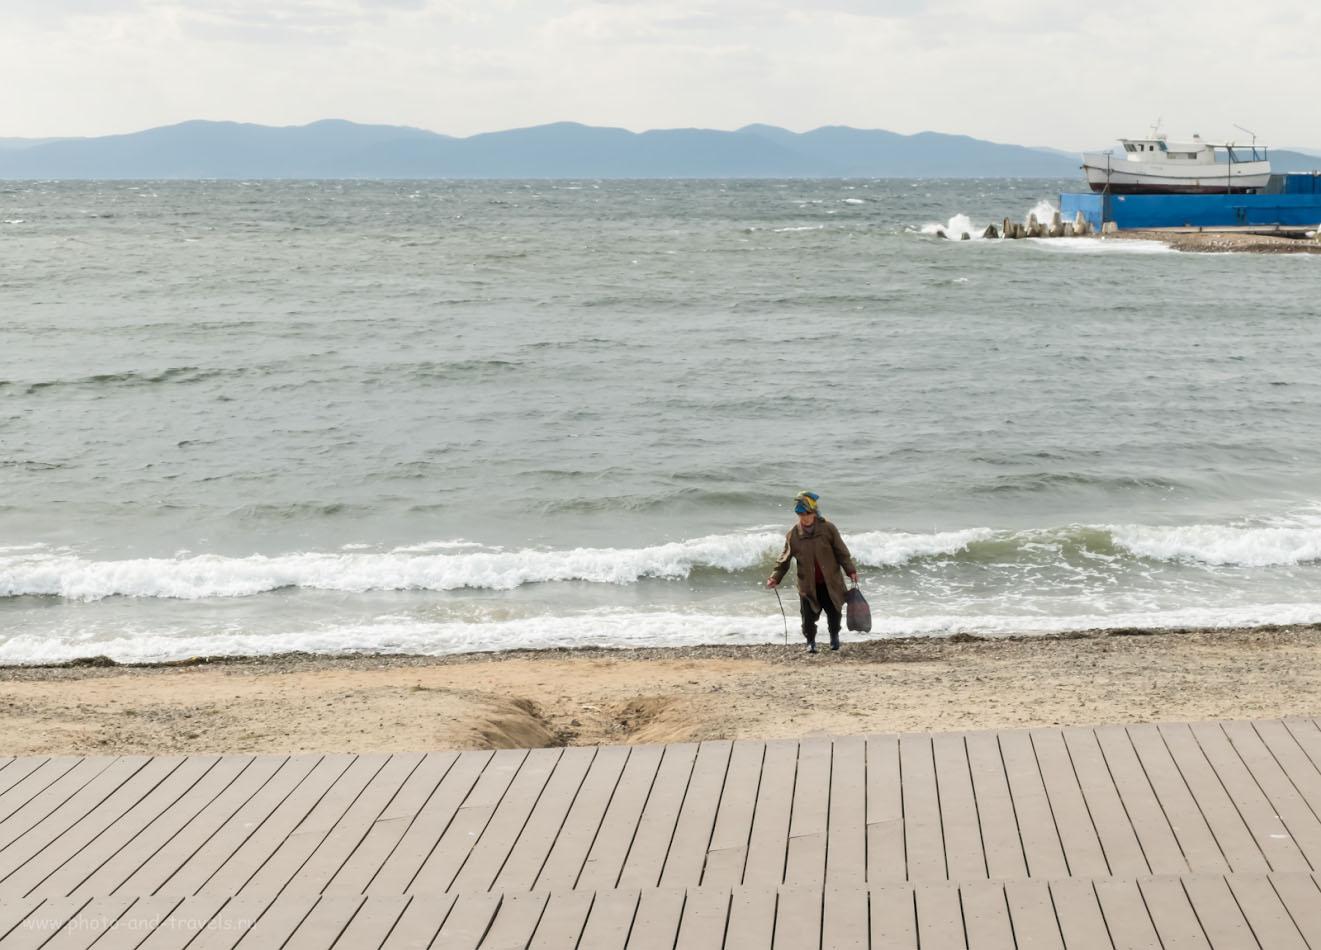 Снимок 23. Афродита из Японского моря. На берегу Тихого океана и не такие метаморфозы случаются. Фотопрогулка по Владивостоку с камерой Fuji X30. 1/220, +0.67, 8.0, 200, 20.2.